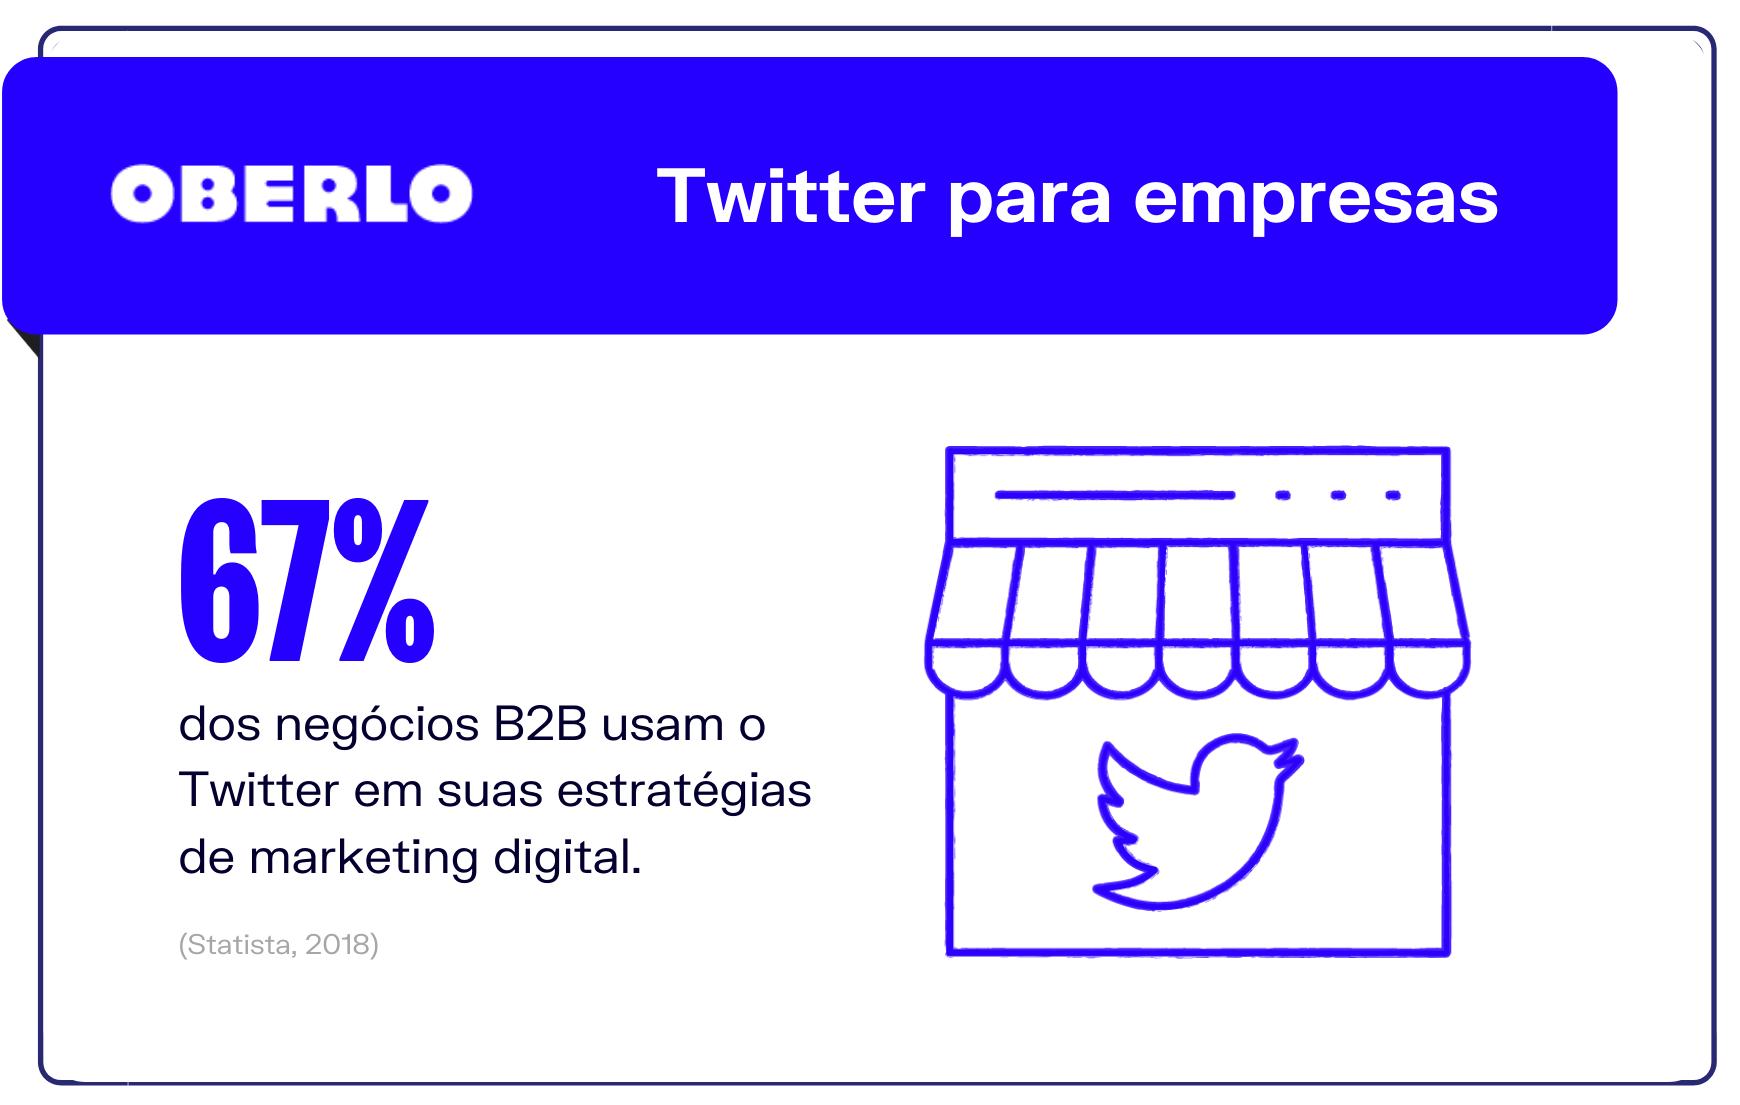 Estatísticas Twitter: Twitter para empresas